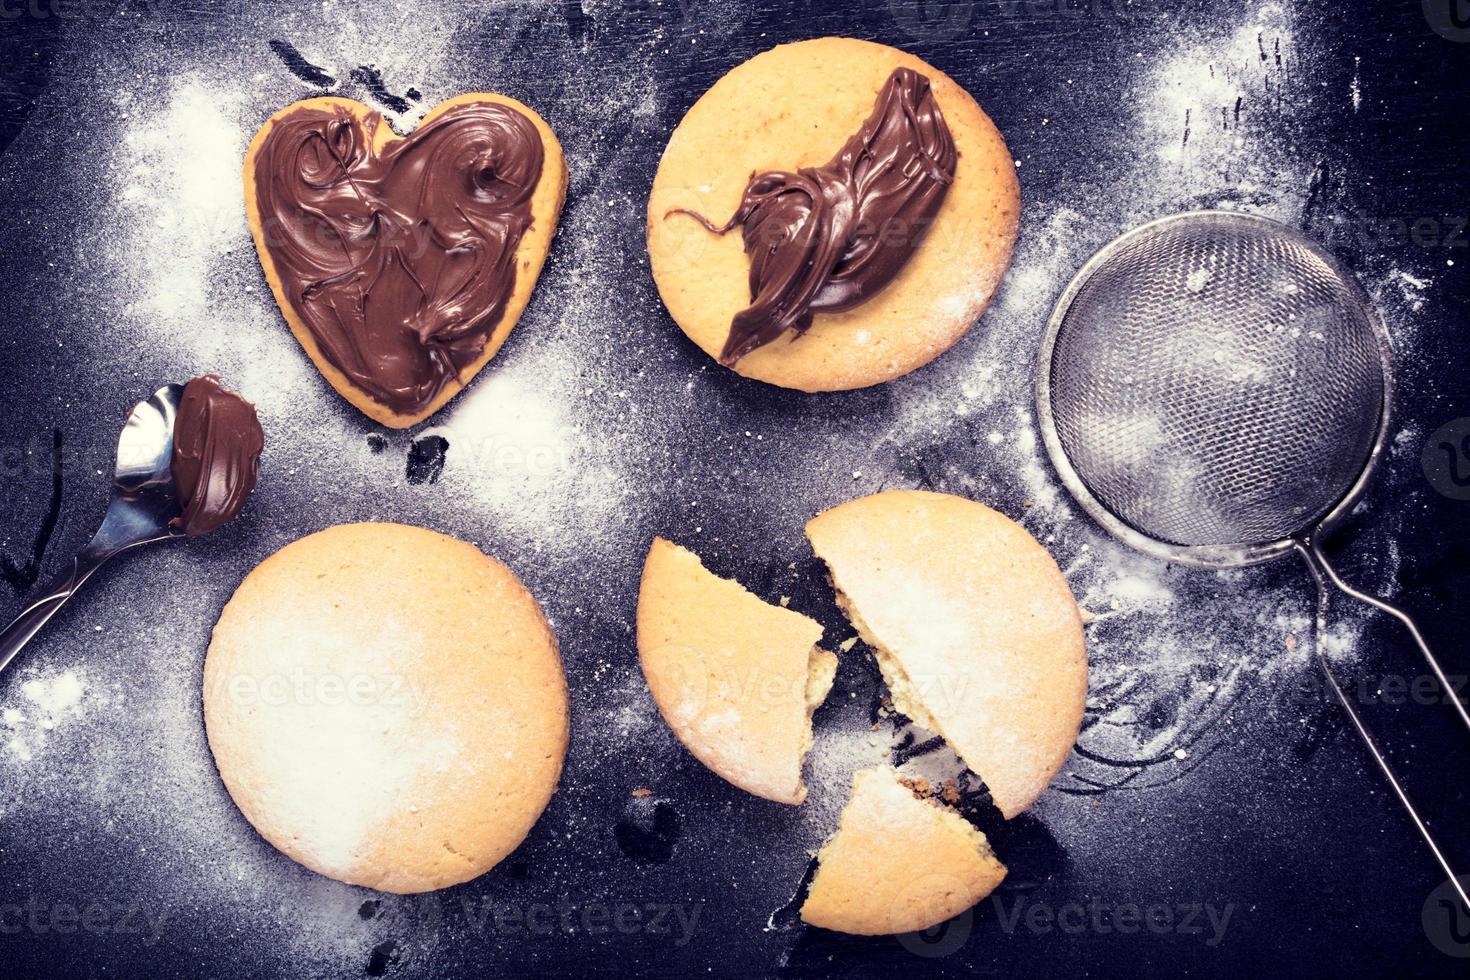 biscuits au chocolat fondu photo